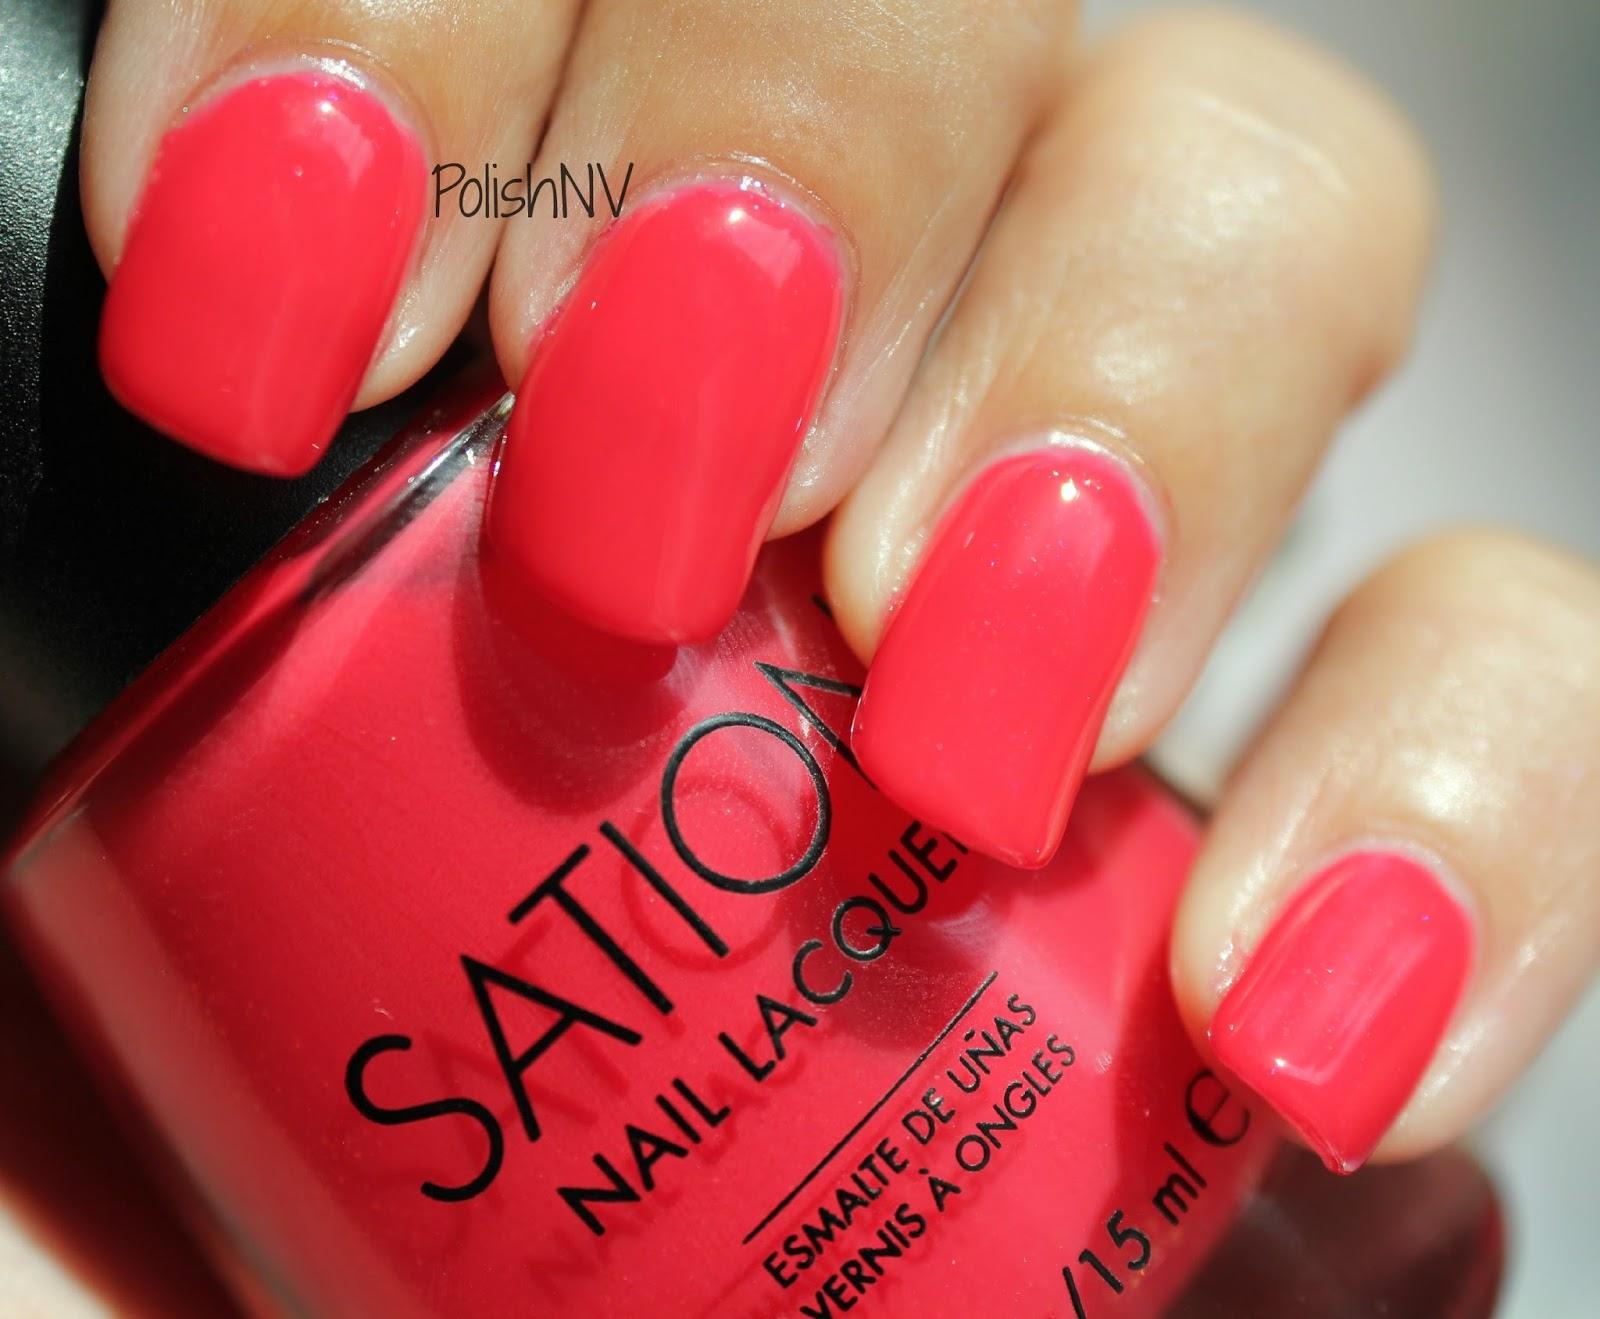 sation